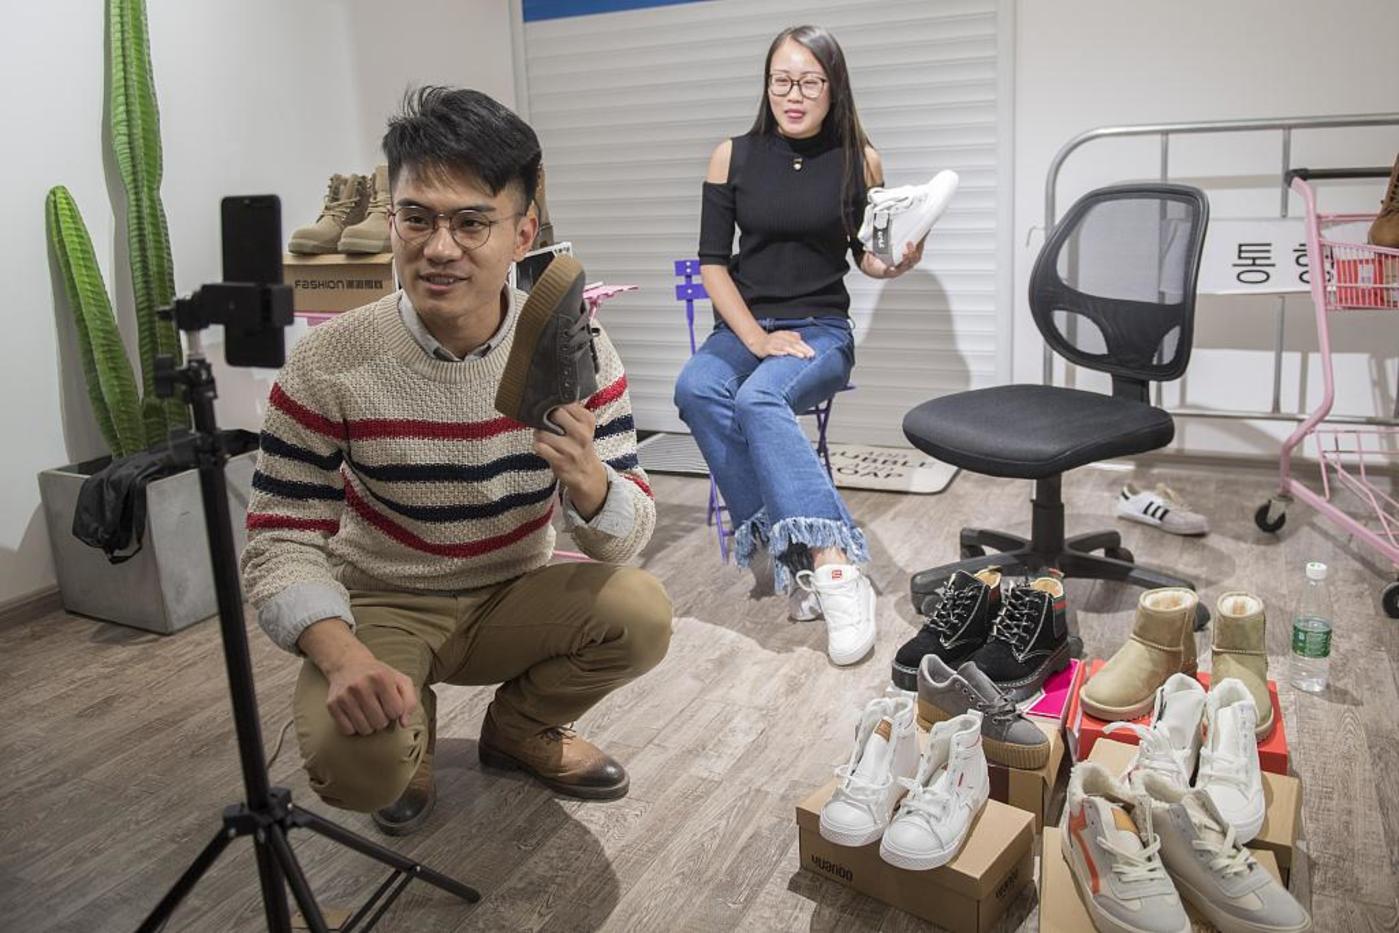 两位年轻人在直播中卖货。题图来源@视觉中国